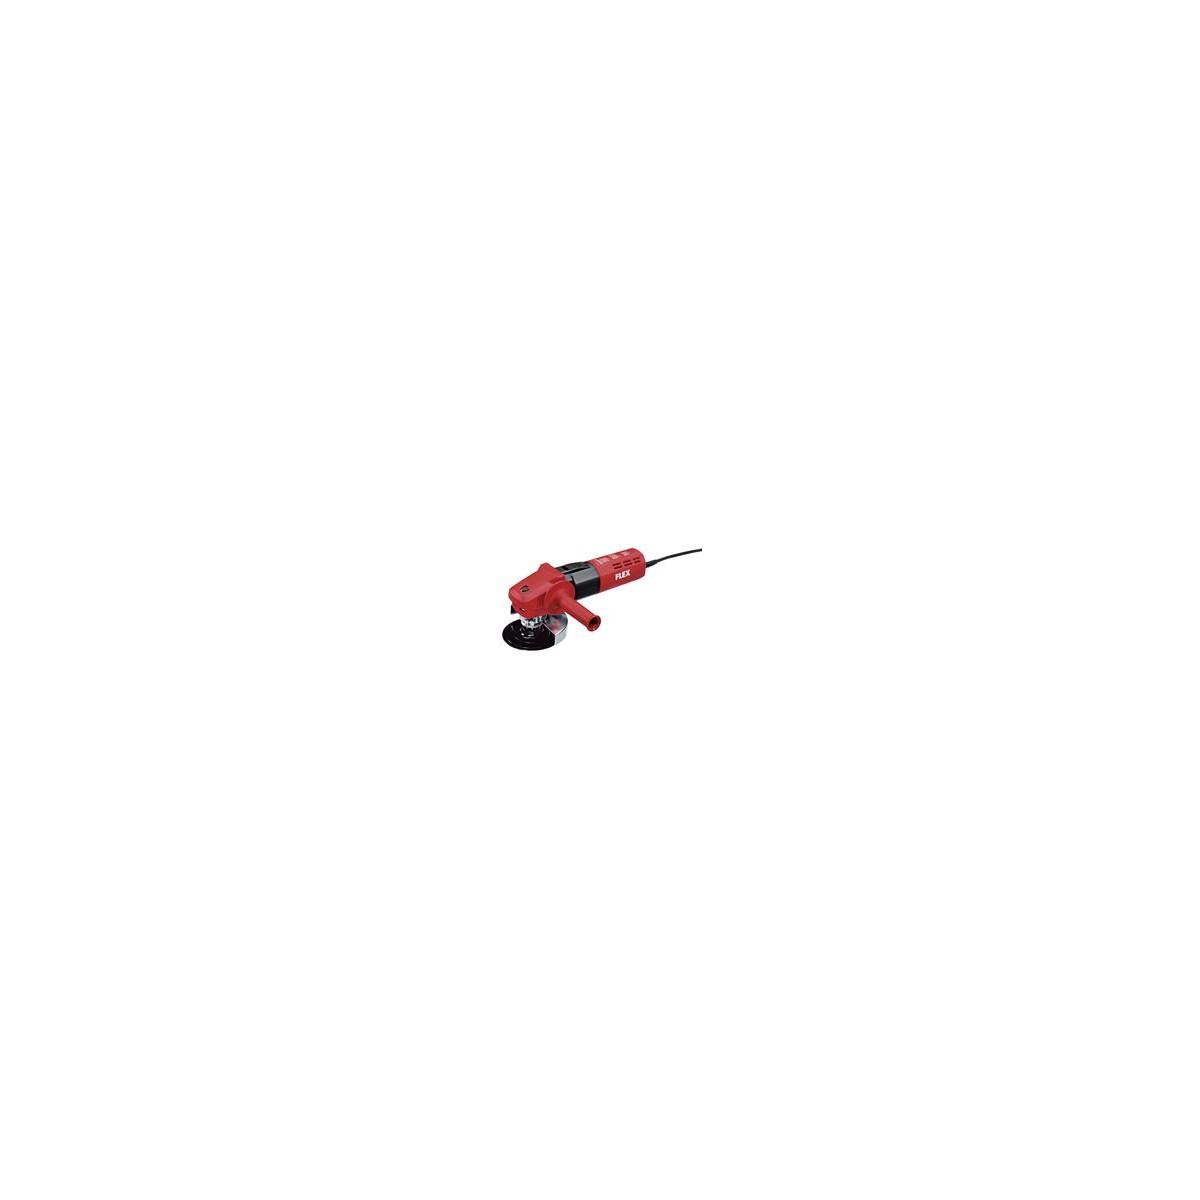 MEULEUSE ANGULAIRE FLEX L 1506 VR